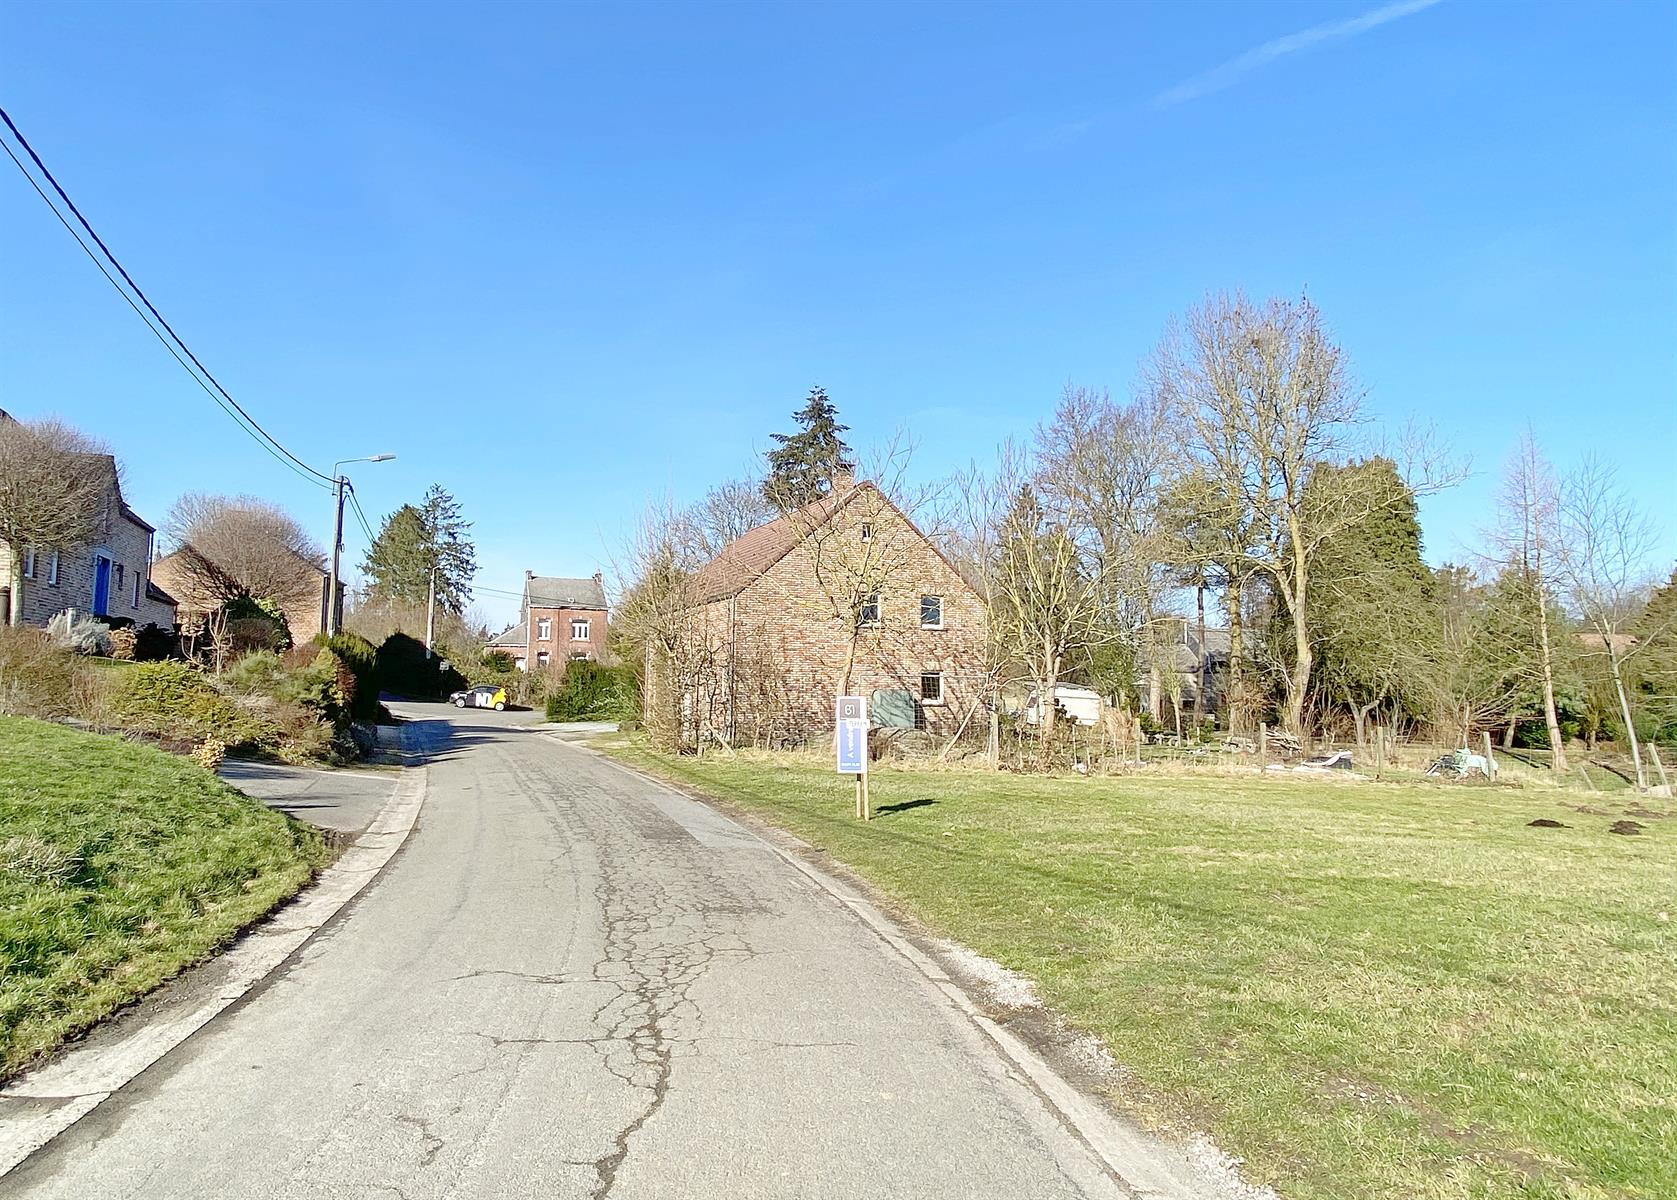 Terrain à bâtir (projets) - Noville-les-Bois - #4290891-6